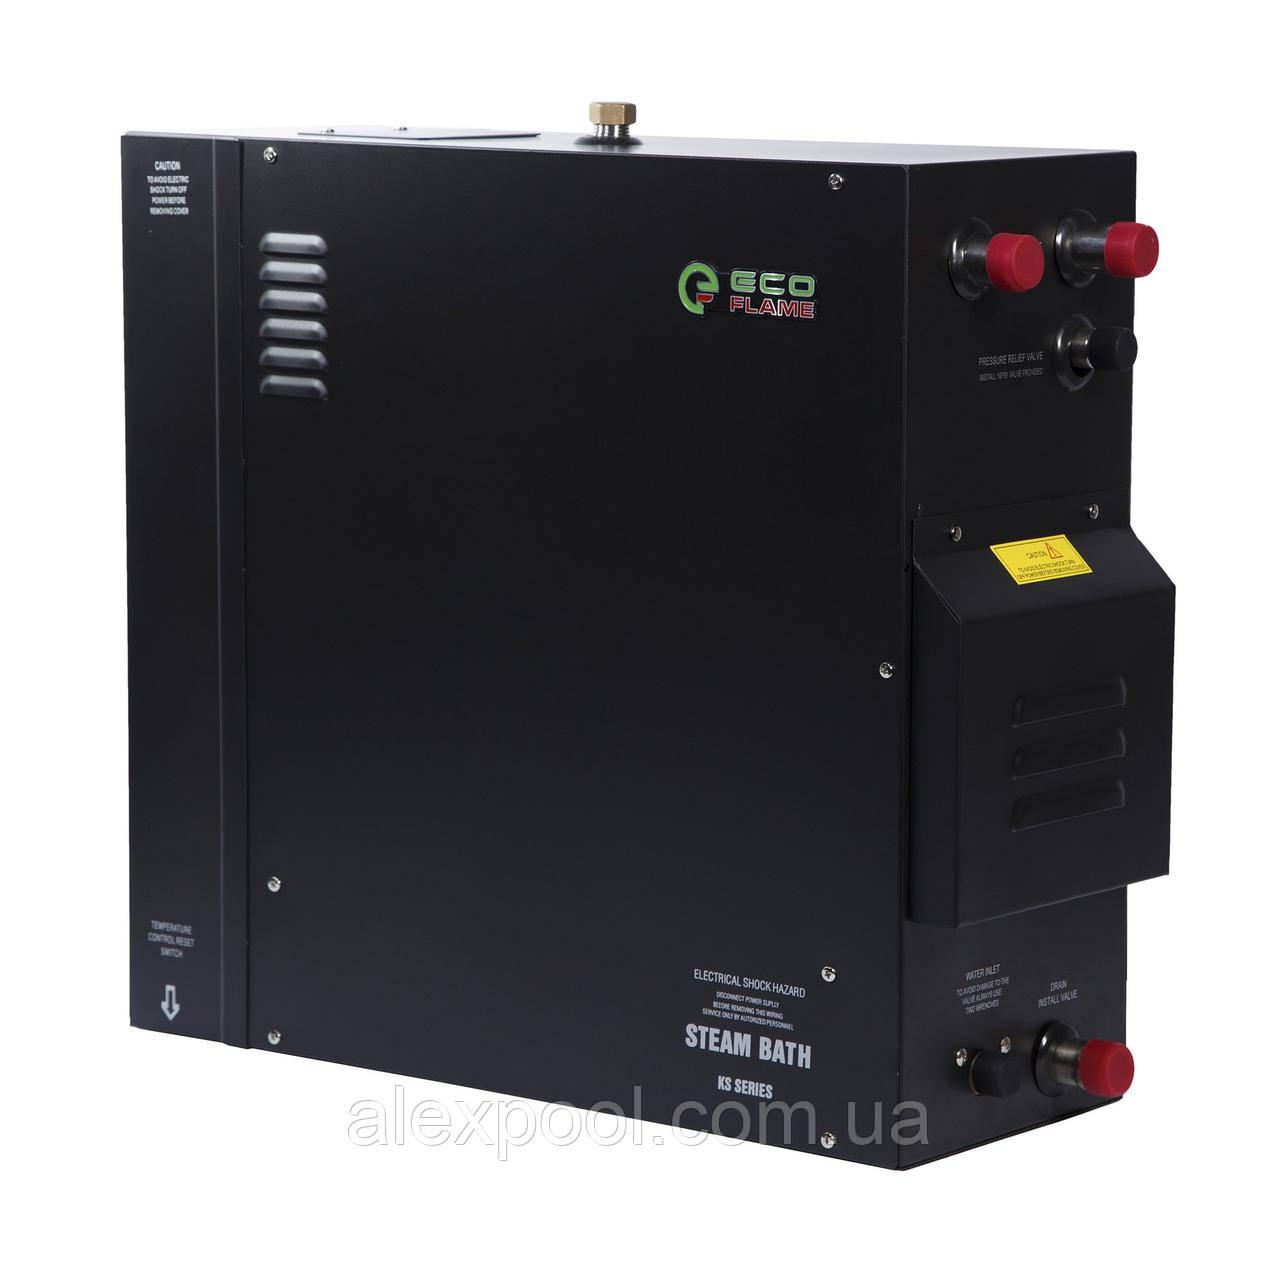 Парогенератор для хаммама EcoFlame KSA225 22,5 кВт, 19 - 26 м, 380 В, пульт, клапан, форсунка в комплекте